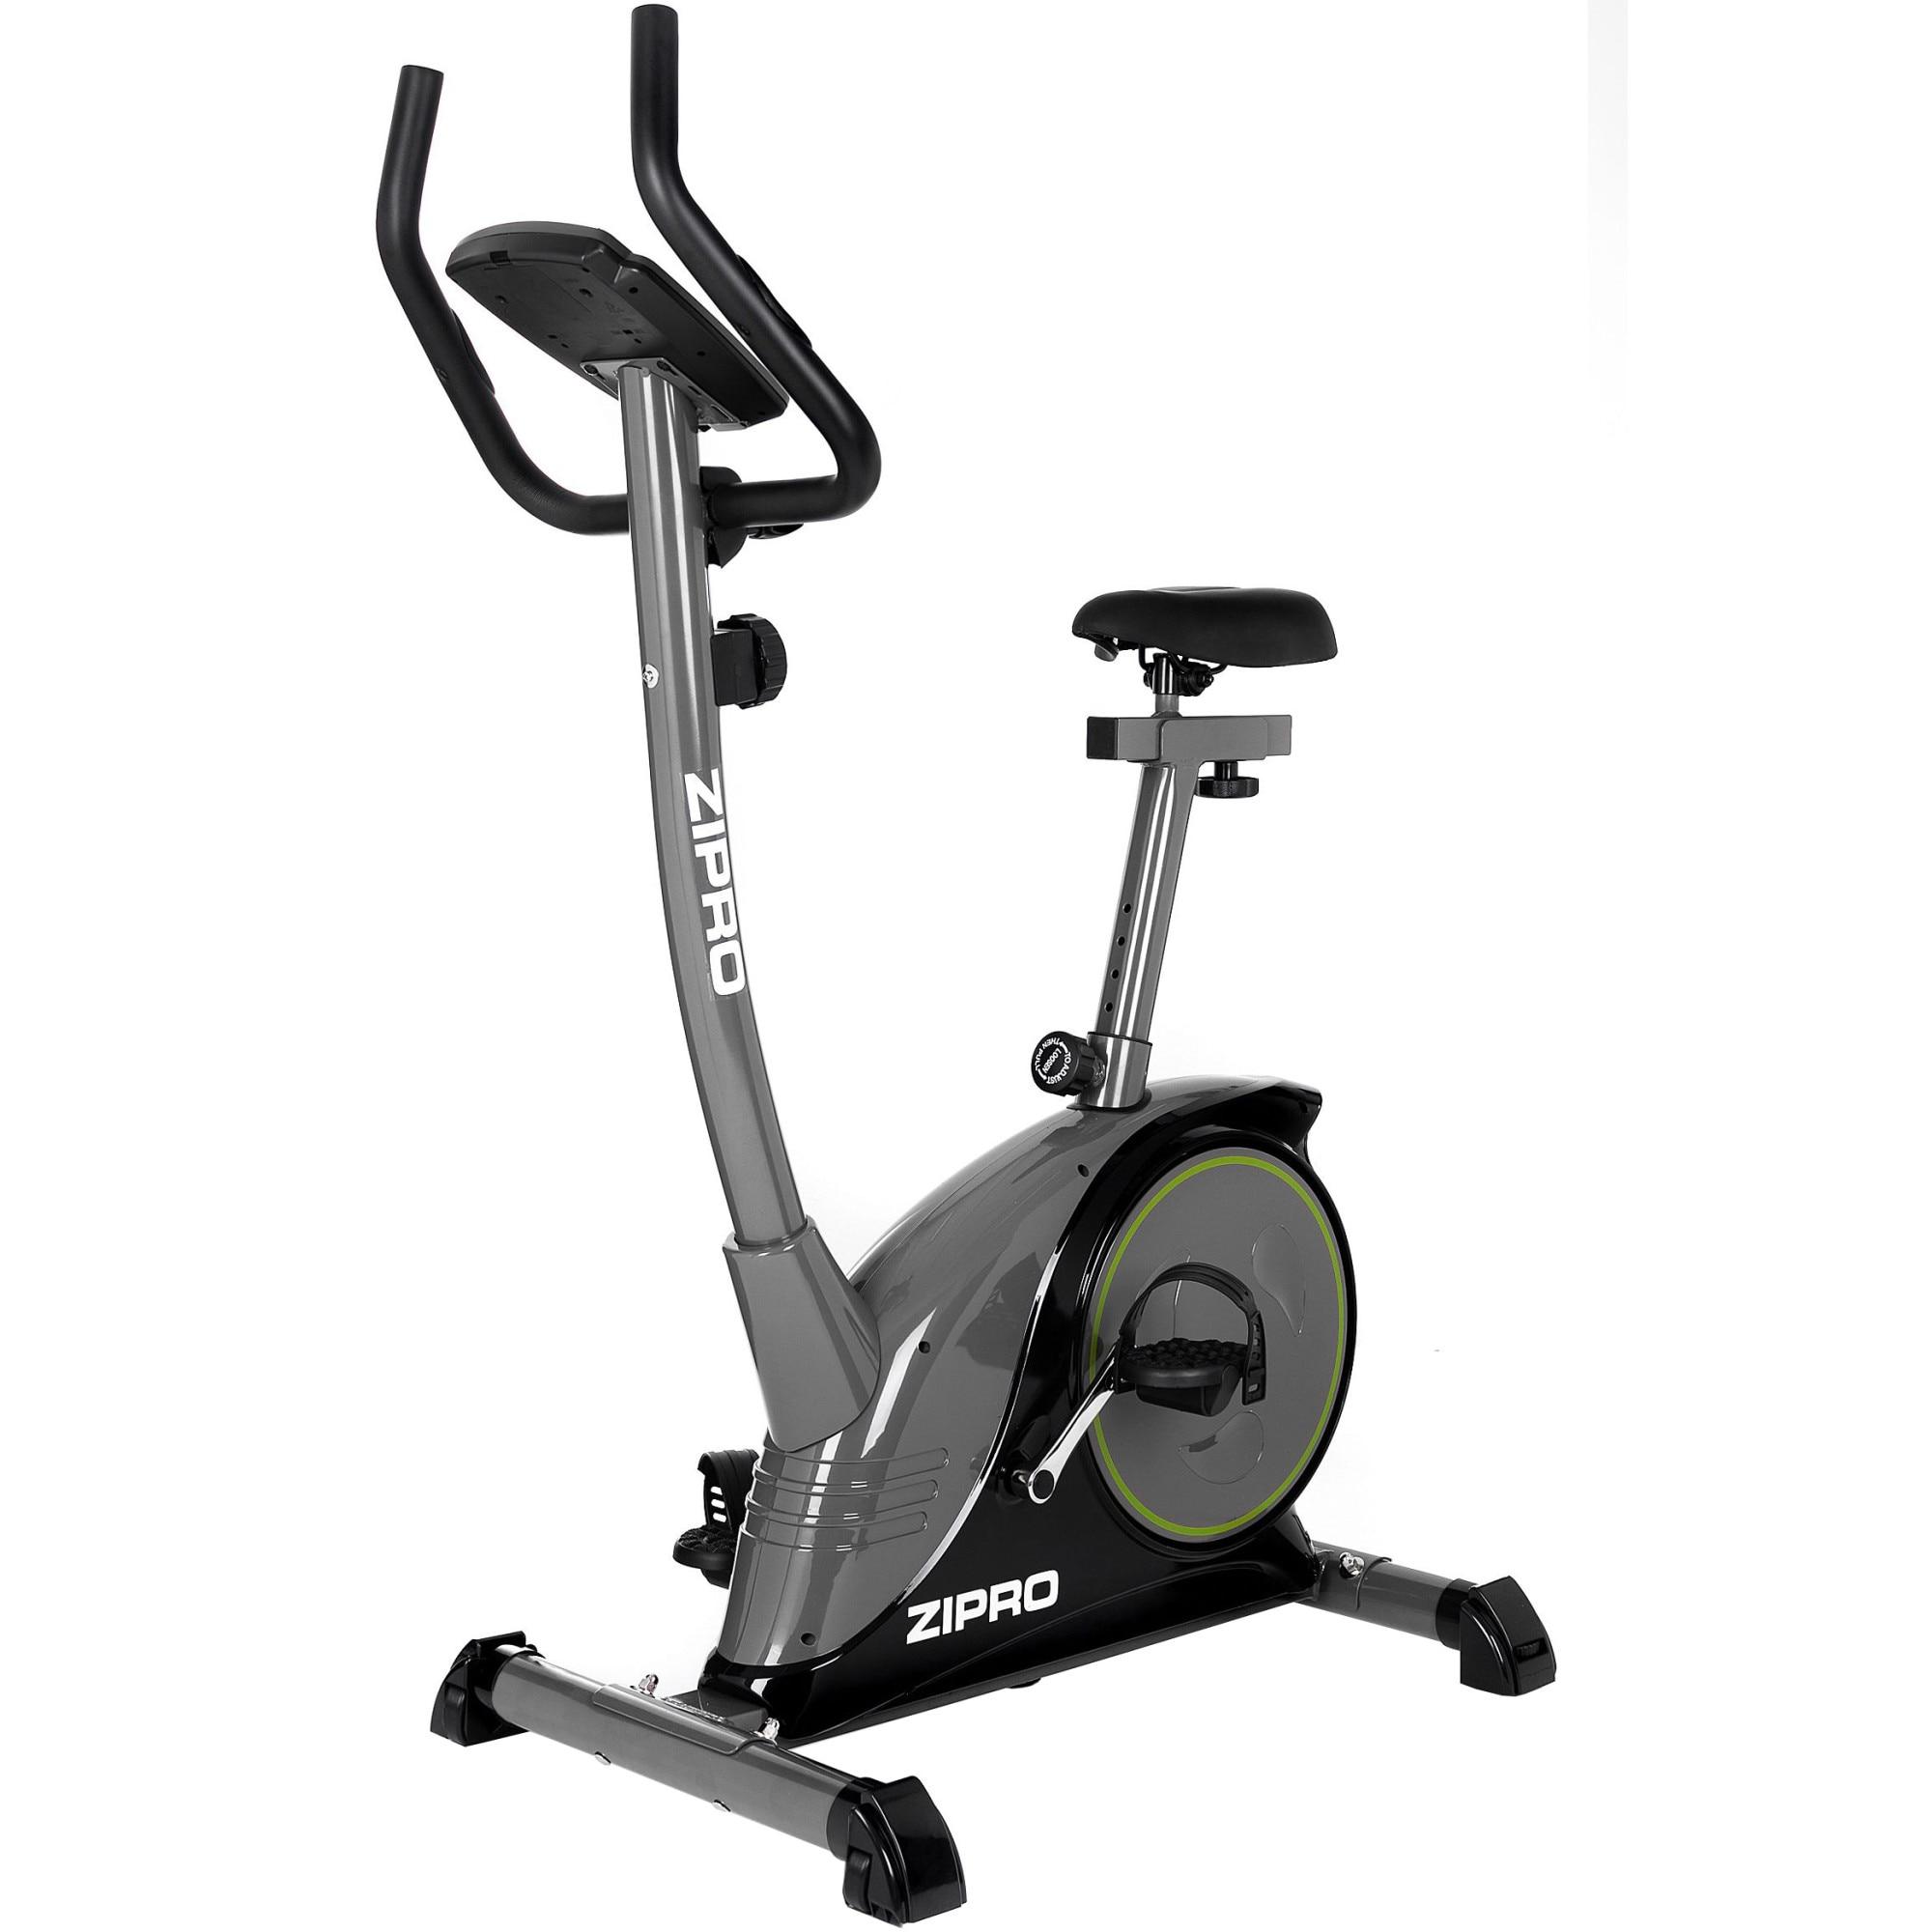 Fotografie Bicicleta magnetica Zipro Nitro, volanta 8kg, greutate maxima utilizator 150kg